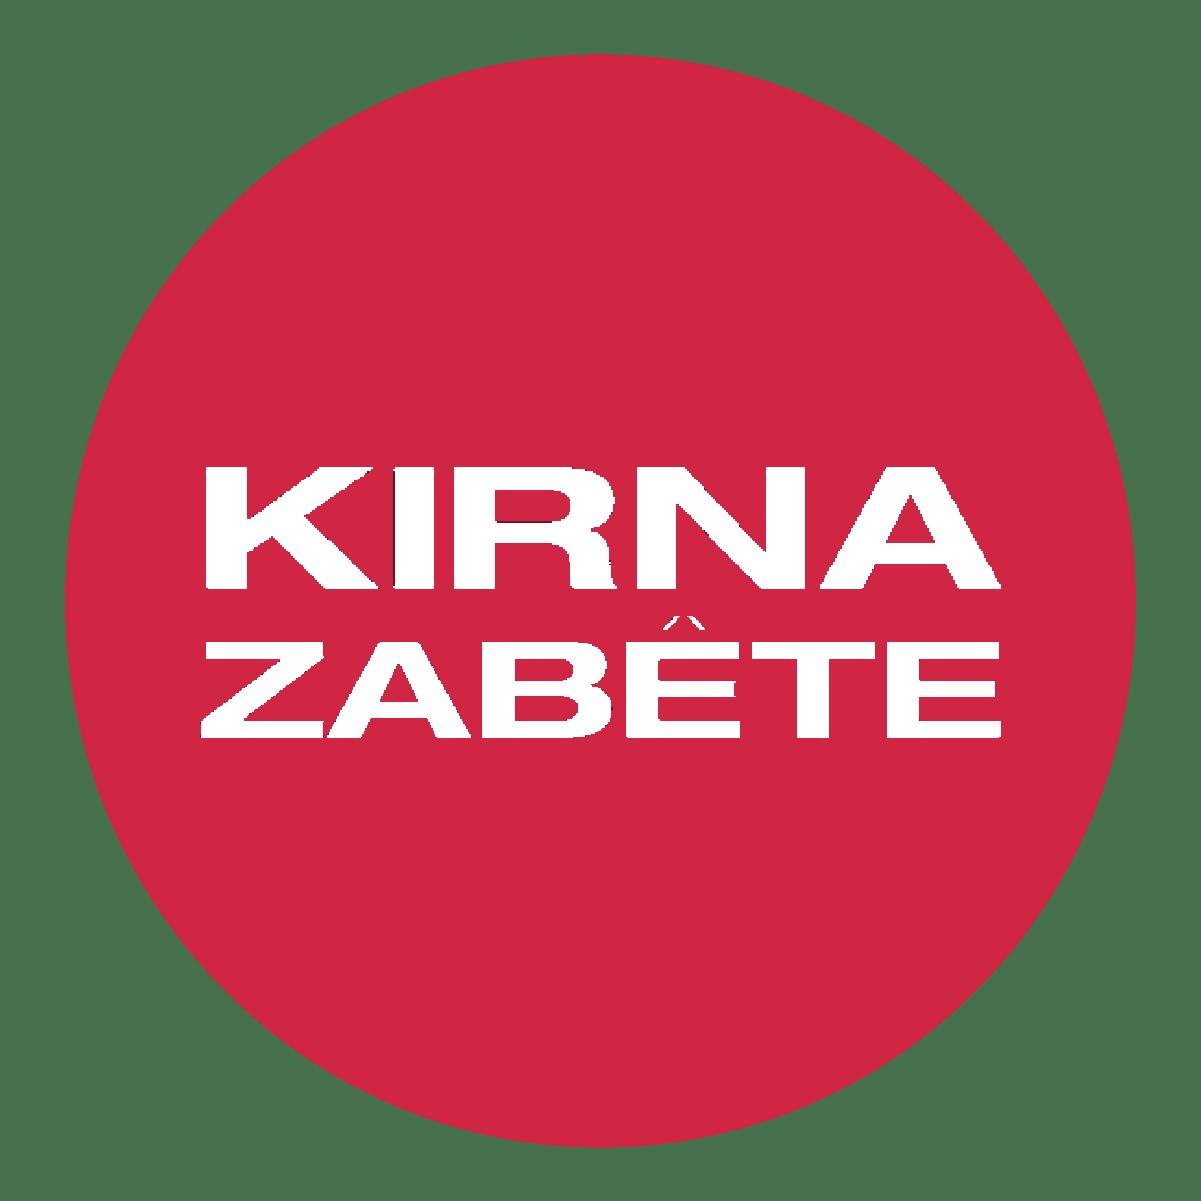 kirna zabete logo